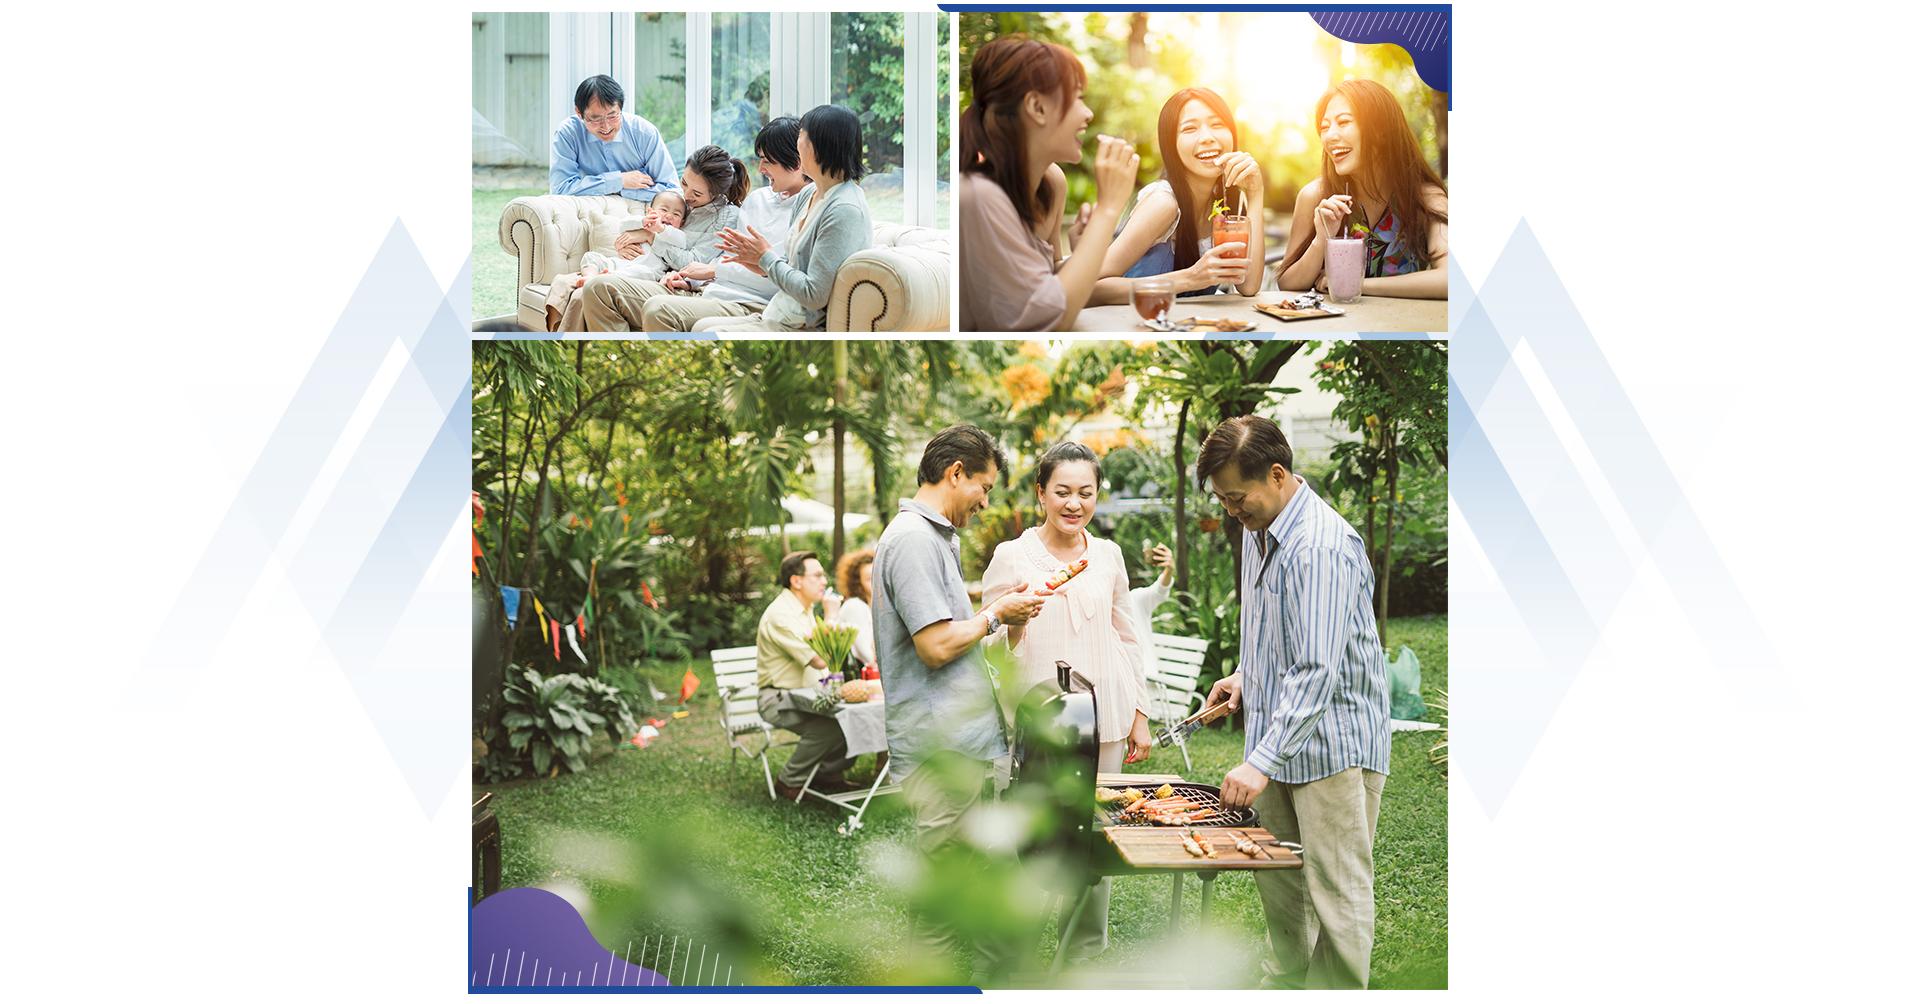 The Ambi tạo không gian sống cho gia đình ba thế hệ 3